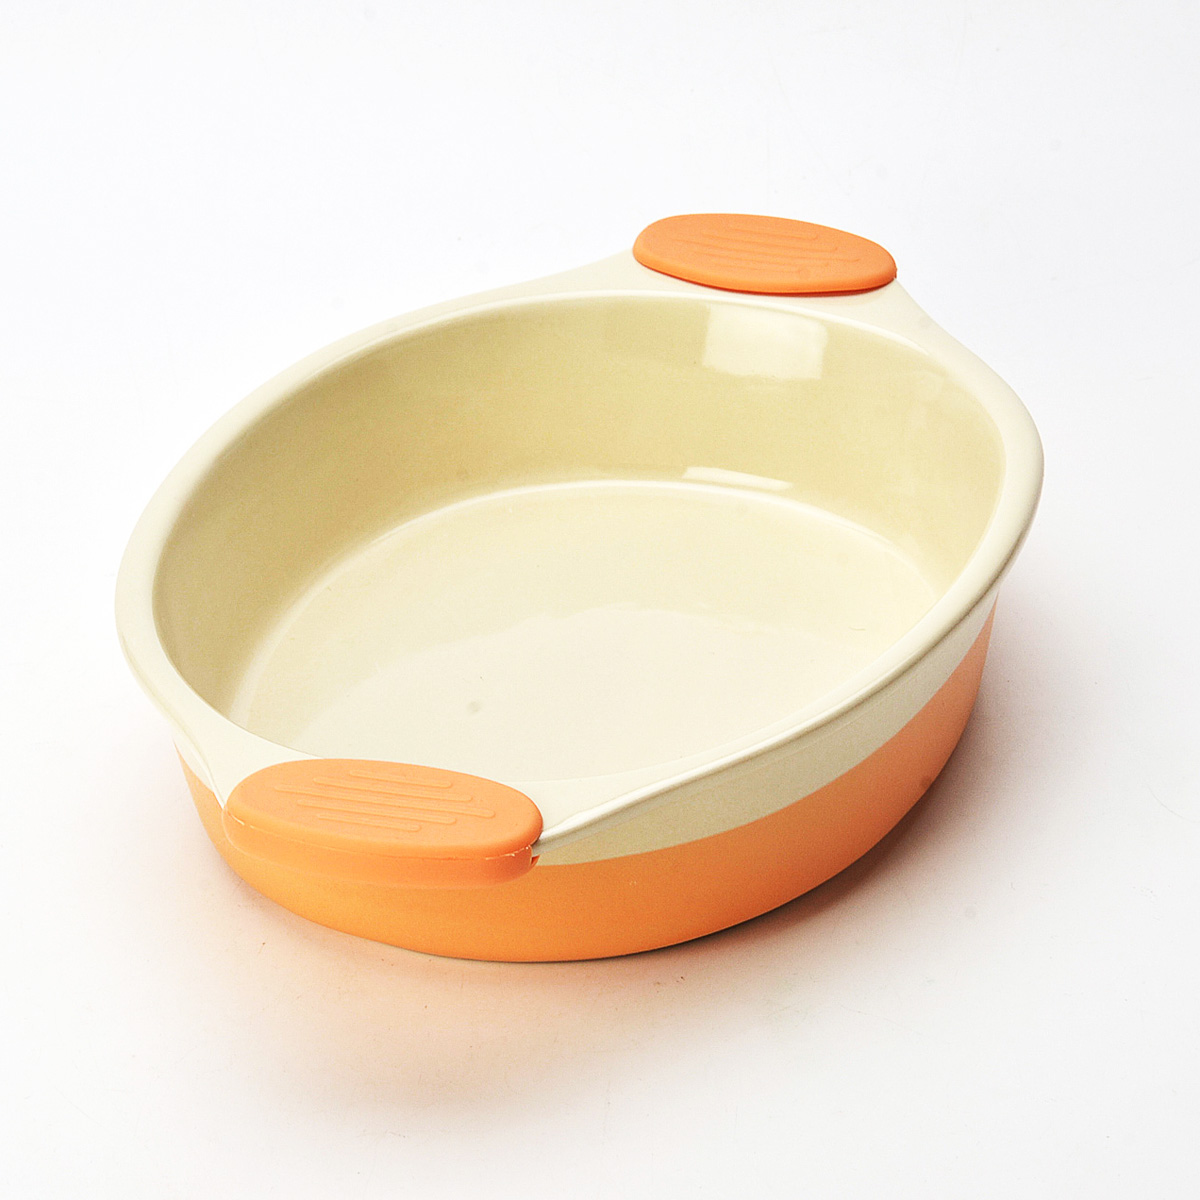 Форма для выпечки Mayer & Boch, овальная, цвет: оранжевый, 37 см х 24 см х 7 см21789Овальная форма для выпечки Mayer & Boch изготовлена из керамики с внутренним и внешним покрытием цветной глазурью. Керамическая посуда считается не только изысканной, но еще и полезной. Керамика не содержит вредных примесей ПФОК, что способствует здоровому и экологичному приготовлению пищи. Форма идеально подходит для приготовления пирогов, запеканок и других блюд, поскольку тепло распределяется равномерно. Изделие дополняют термостойкие ручки из силикона, которые позволяют не использовать прихватки.Подходит для использования в духовом шкафу. Не подходит для СВЧ-печей. Рекомендуется ручная чистка. Наслаждайтесь приготовлением пищи в вашей формой для выпечки.Высота стенки: 6,5 см.Толщина стенки: 6-7 мм.Толщина дна: 6-7 мм.Размер формы (с учетом ручек): 37 см х 24 см х 7 см.Размер формы (без учета ручек): 27 см х 20,5 см х 6,2 см.